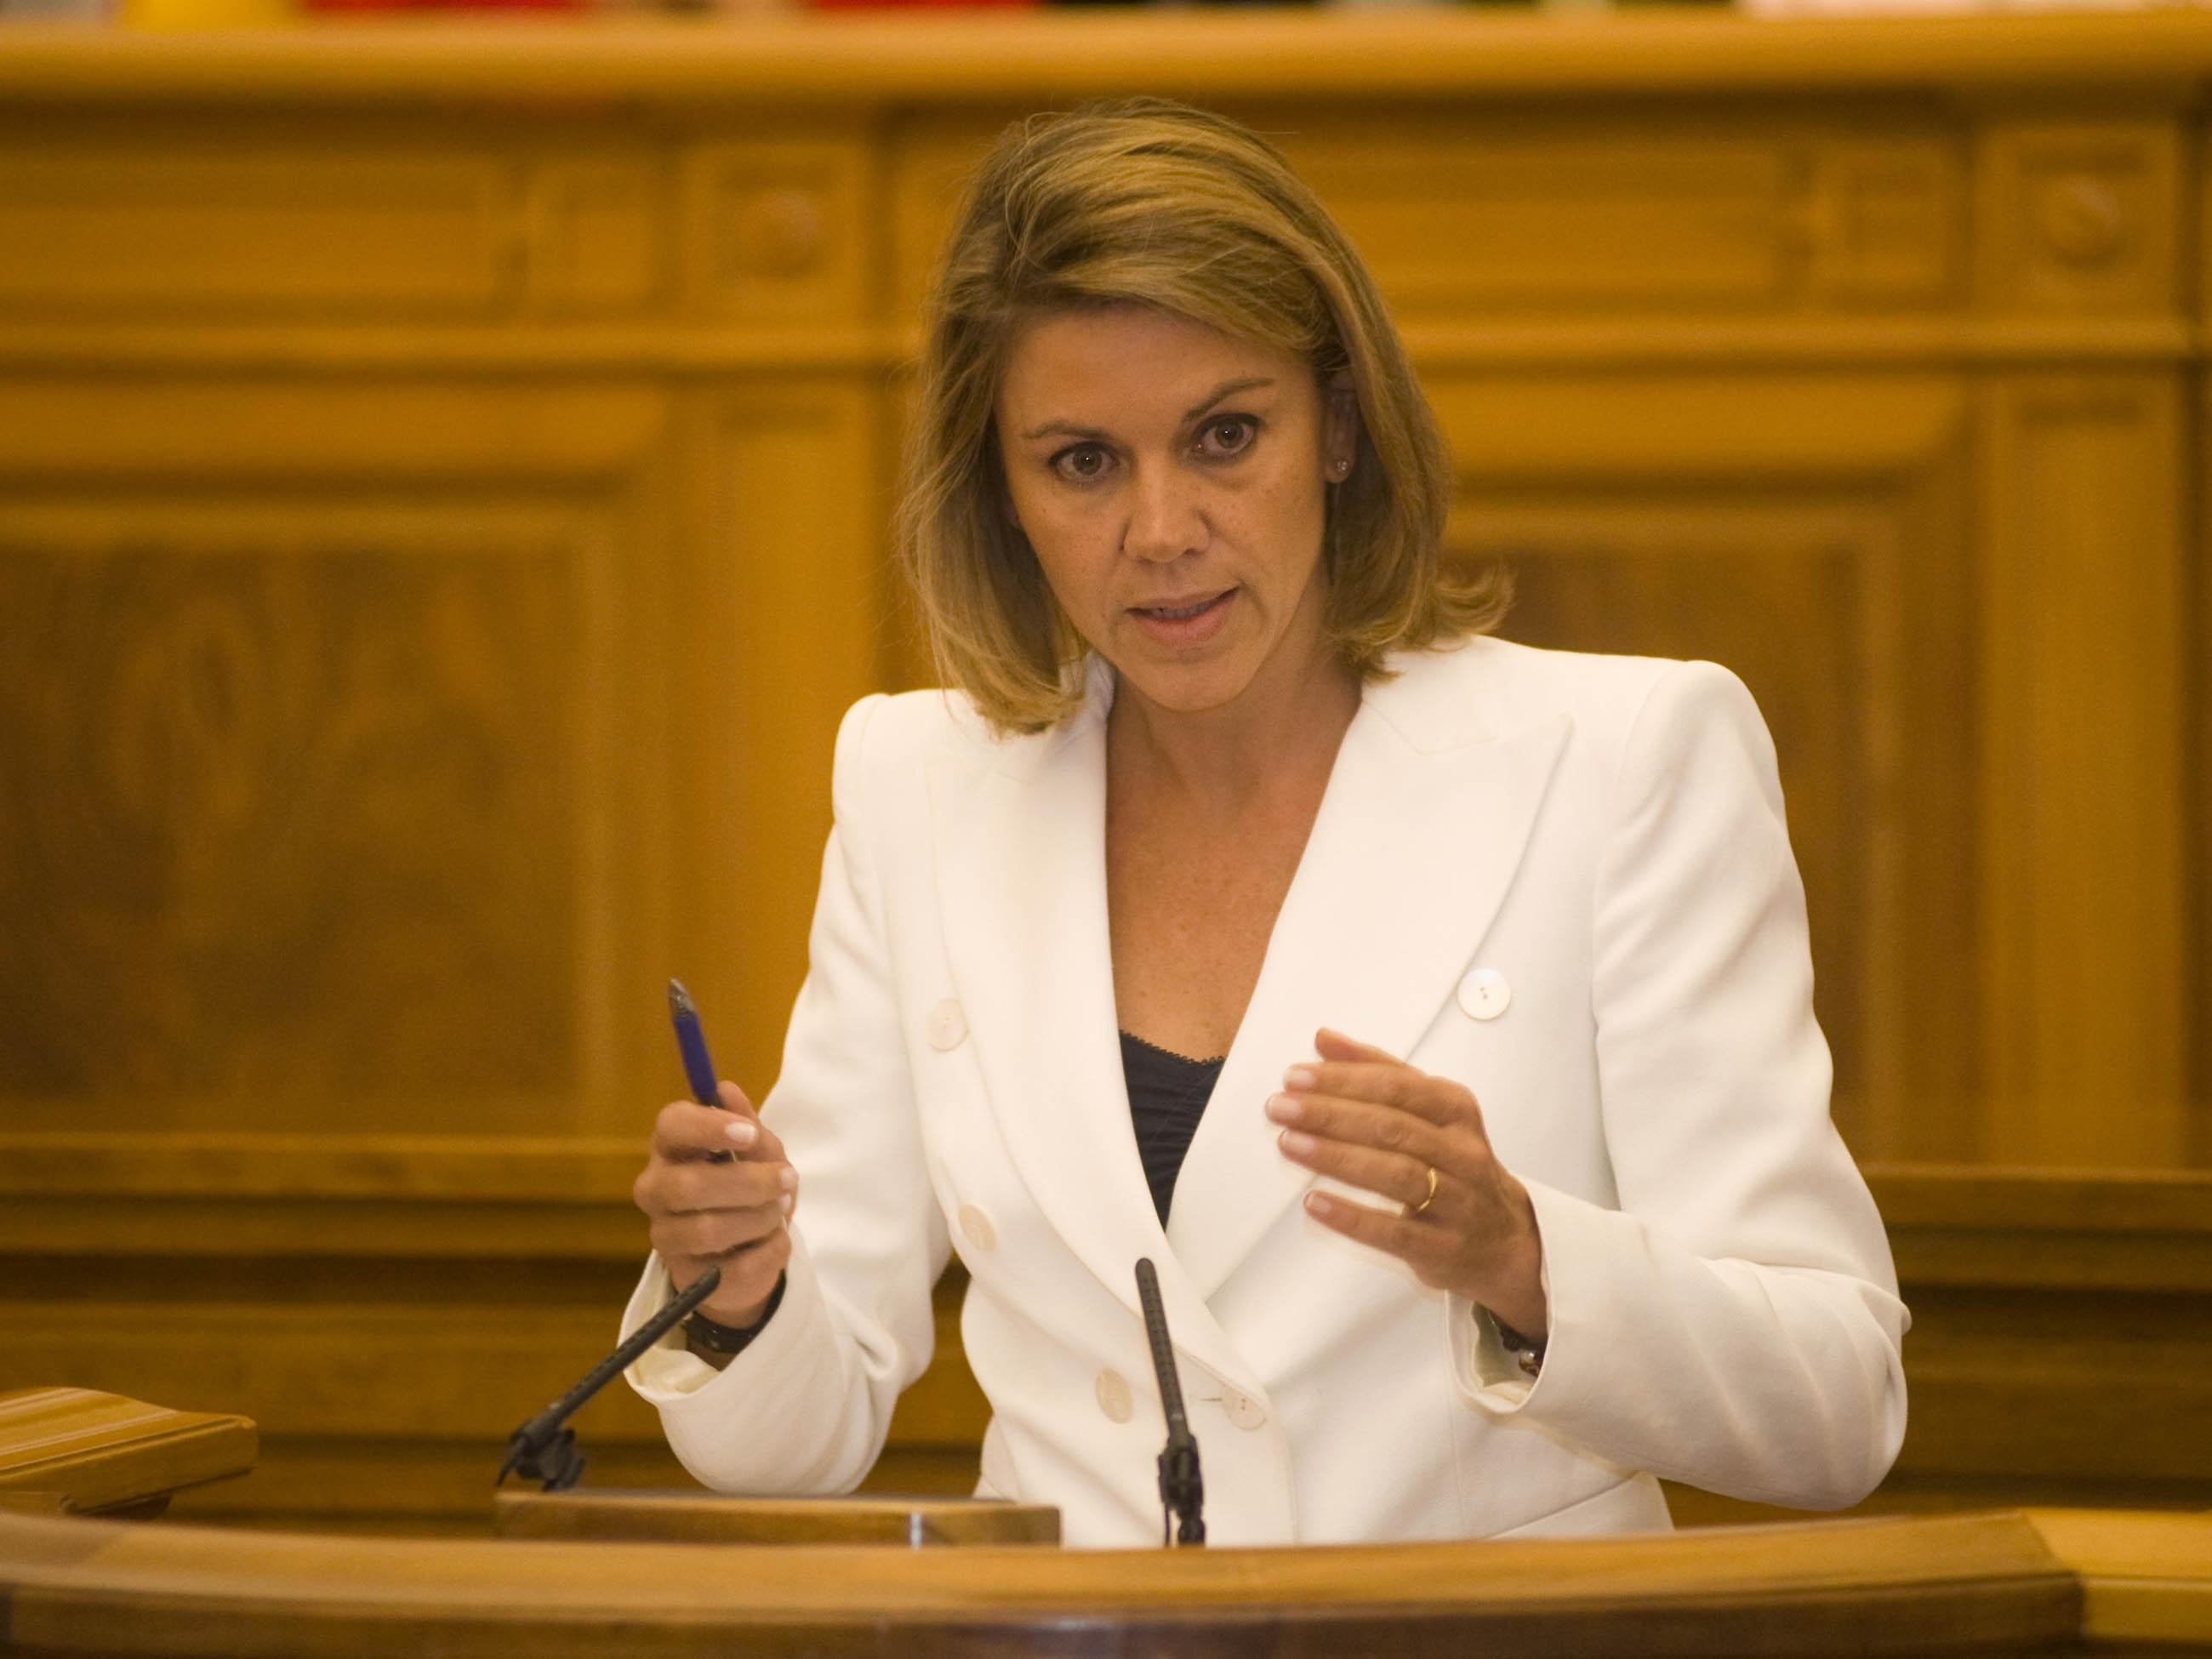 Las Cortes de Castilla-La Mancha aprobarán este jueves la reforma de Ley Electoral propuesta por el PP